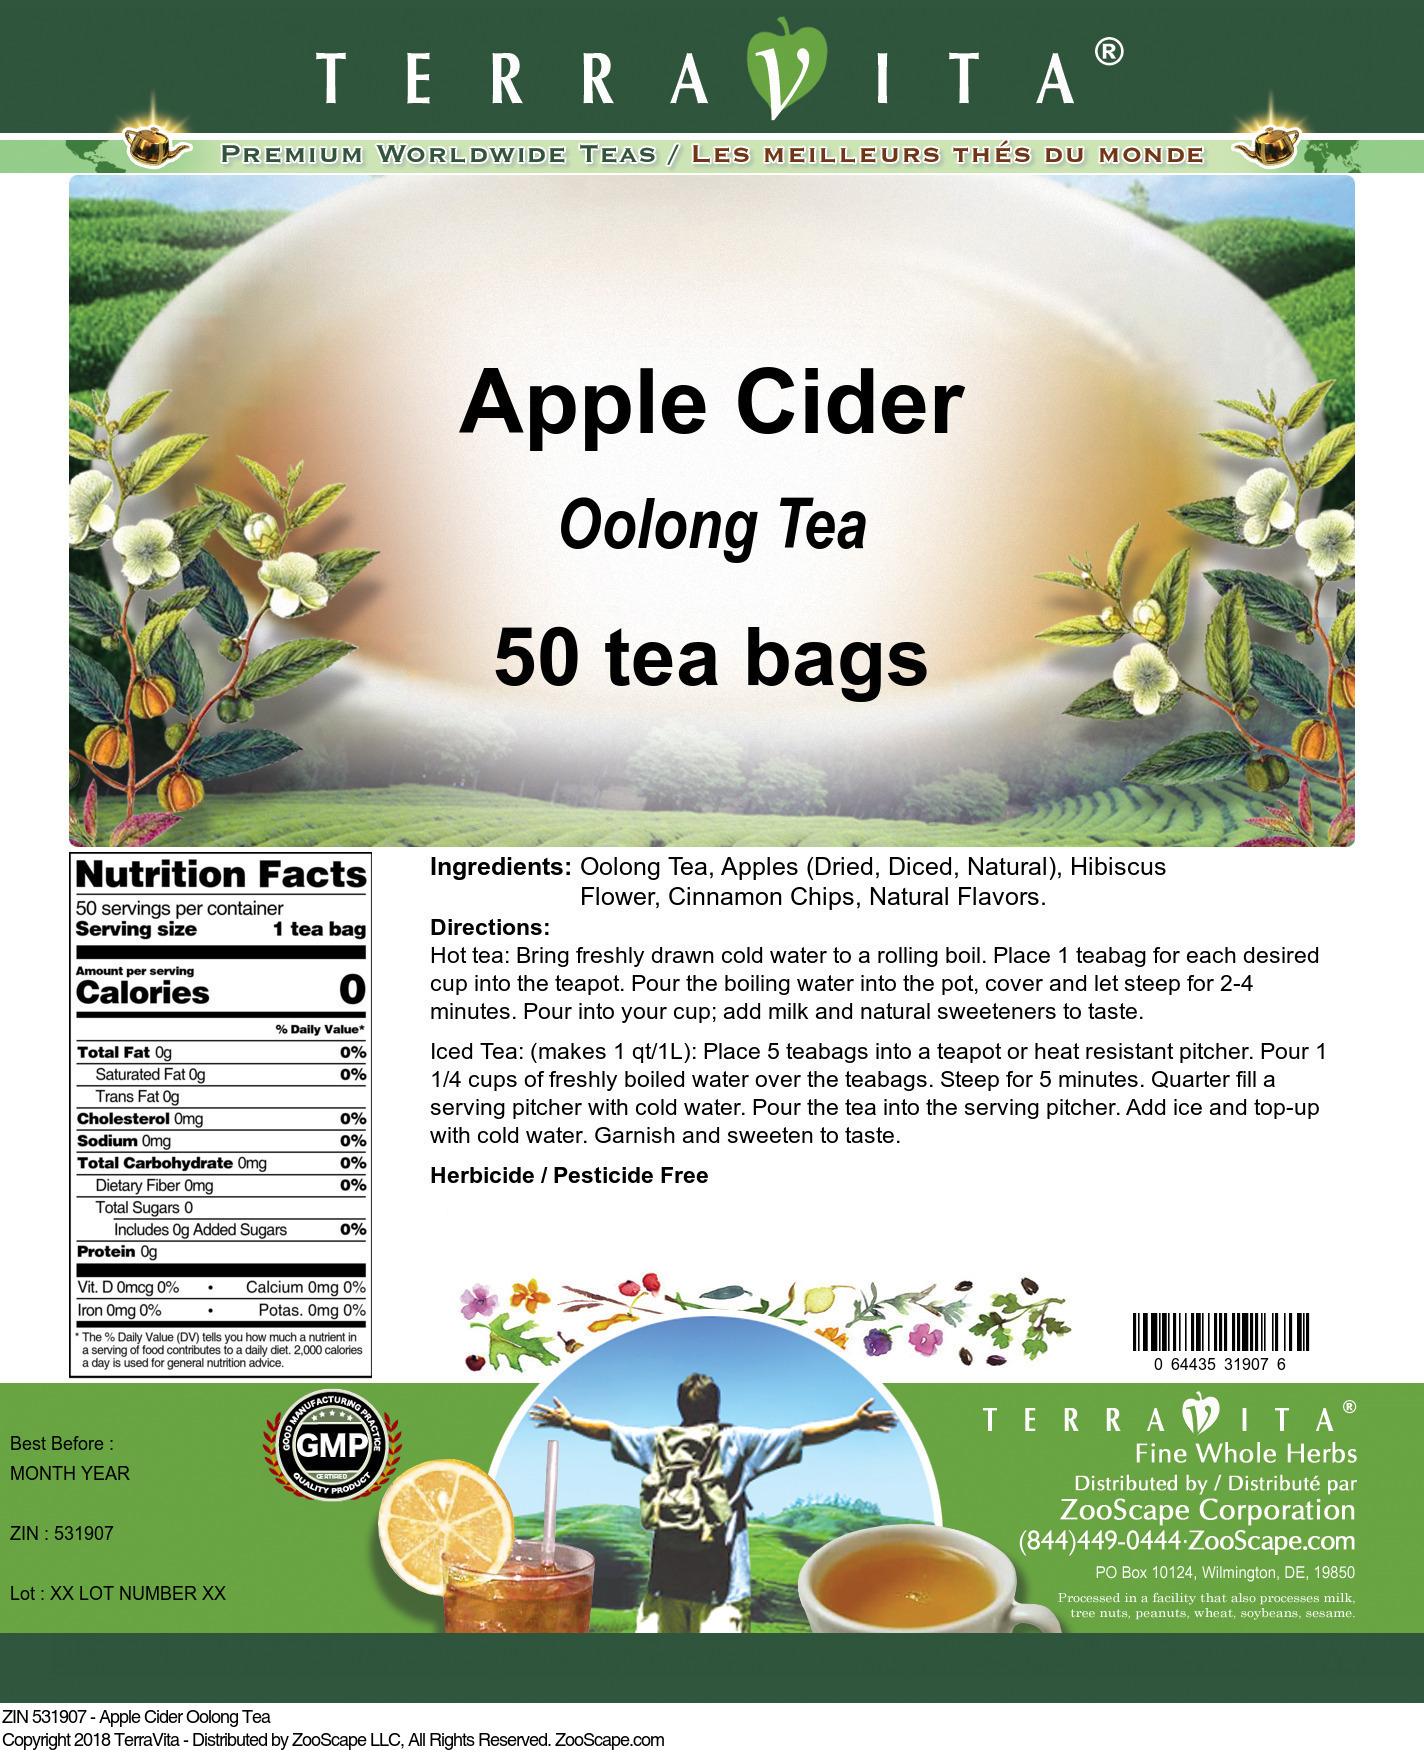 Apple Cider Oolong Tea